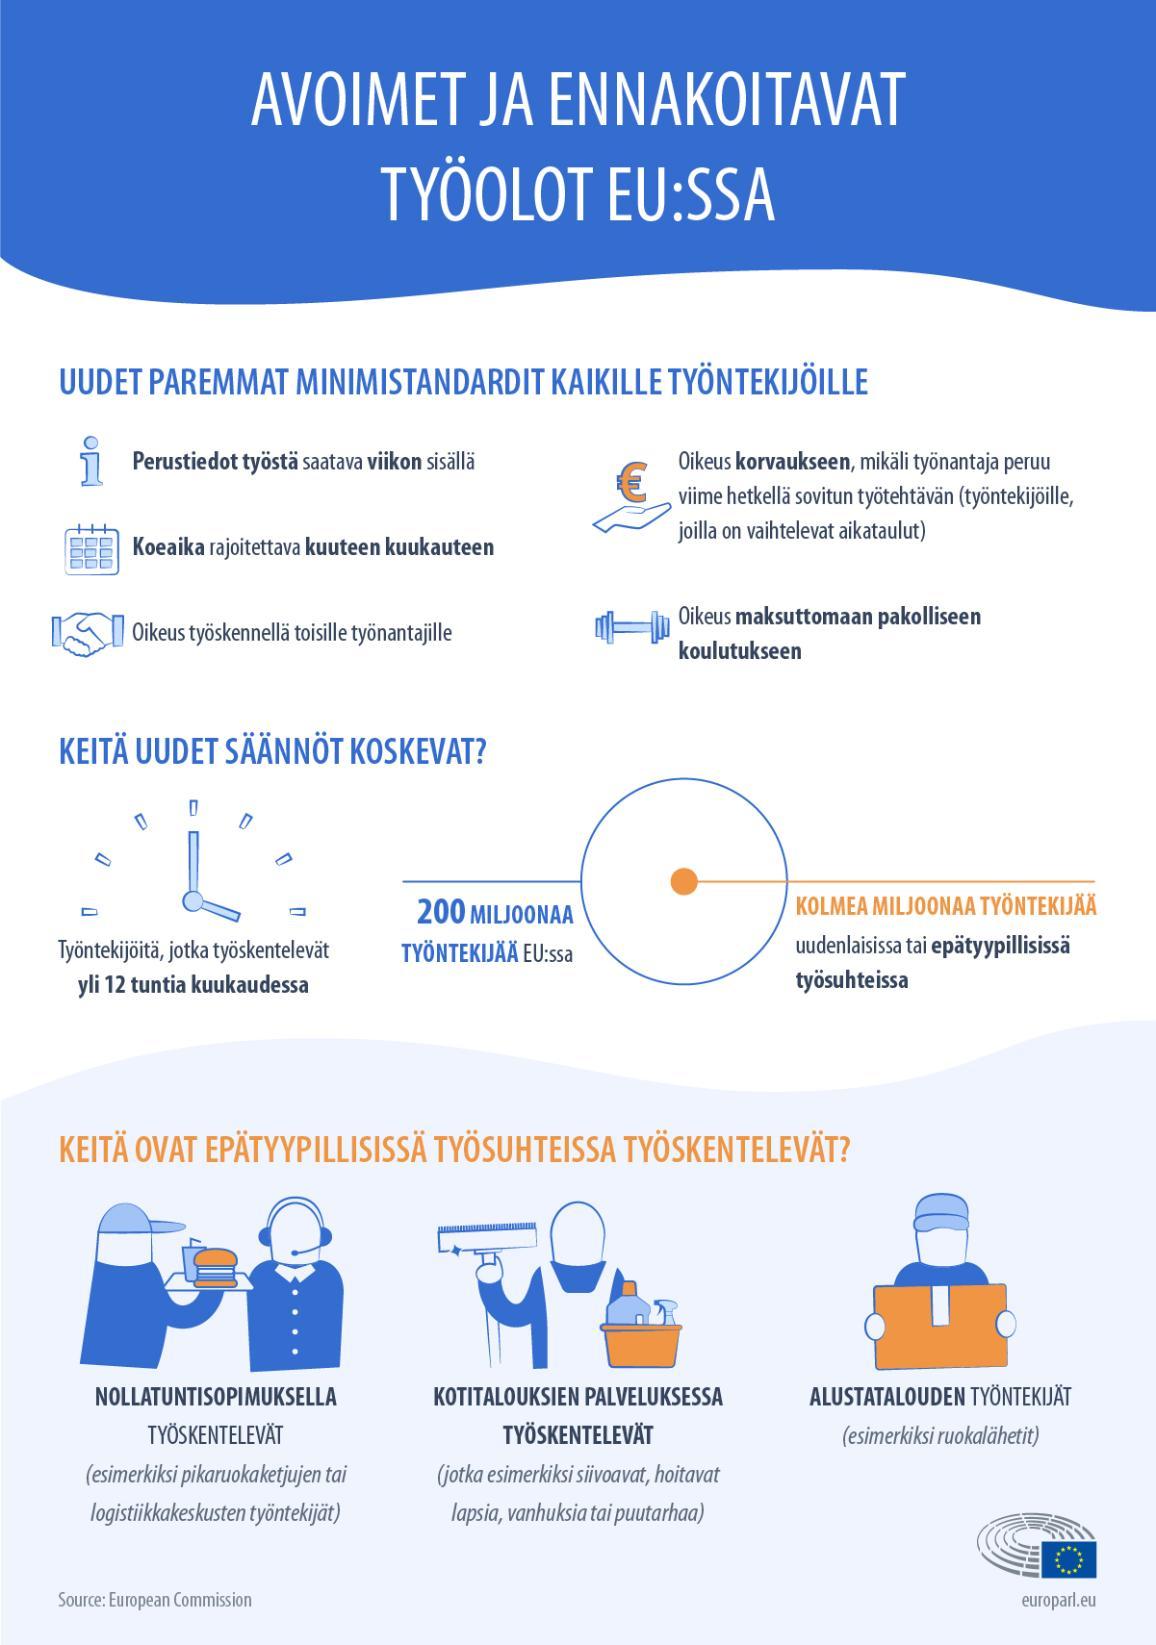 Infografiikka: uudet EU-tason minimistandardit työehdoille epätyypillisissä työsuhteissa (esimerkiksi alustatalouden työntekijät)